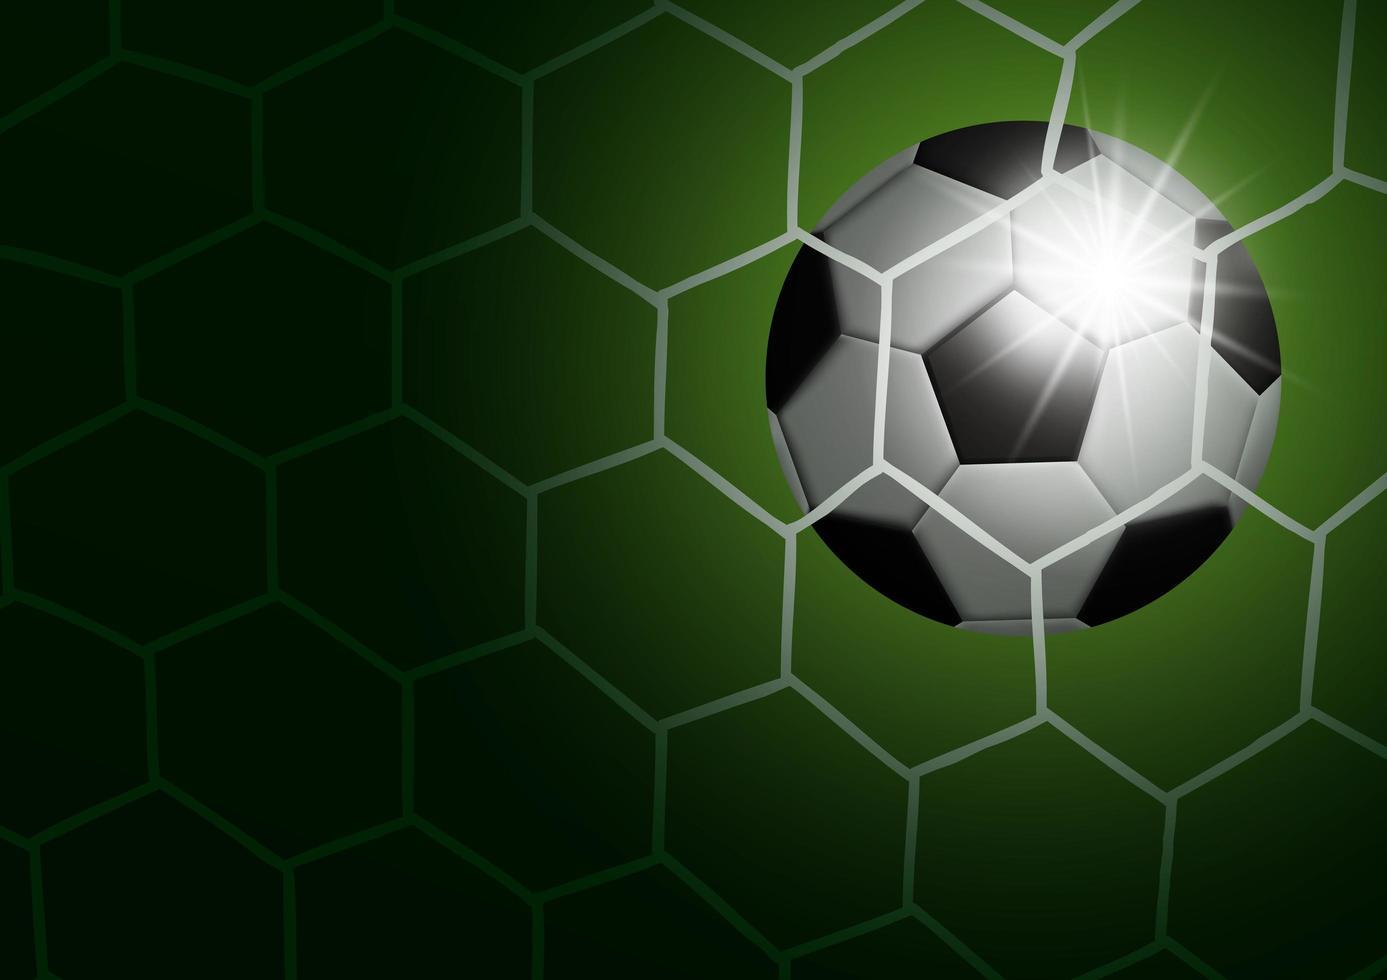 pallone da calcio in porta su verde vettore